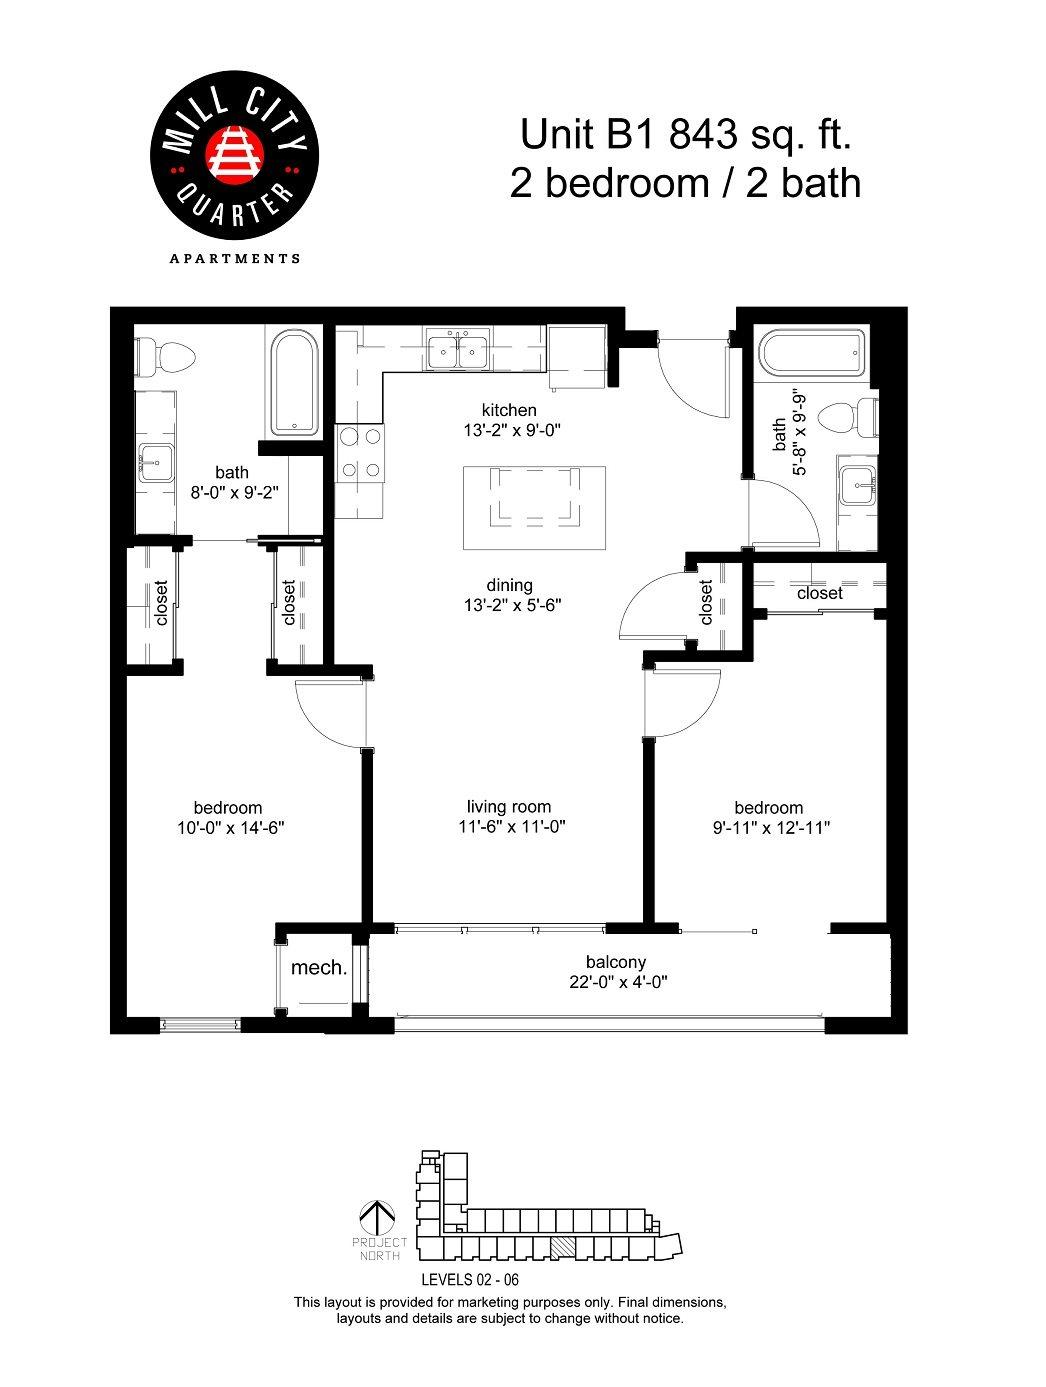 2x2 Floor Plan 5